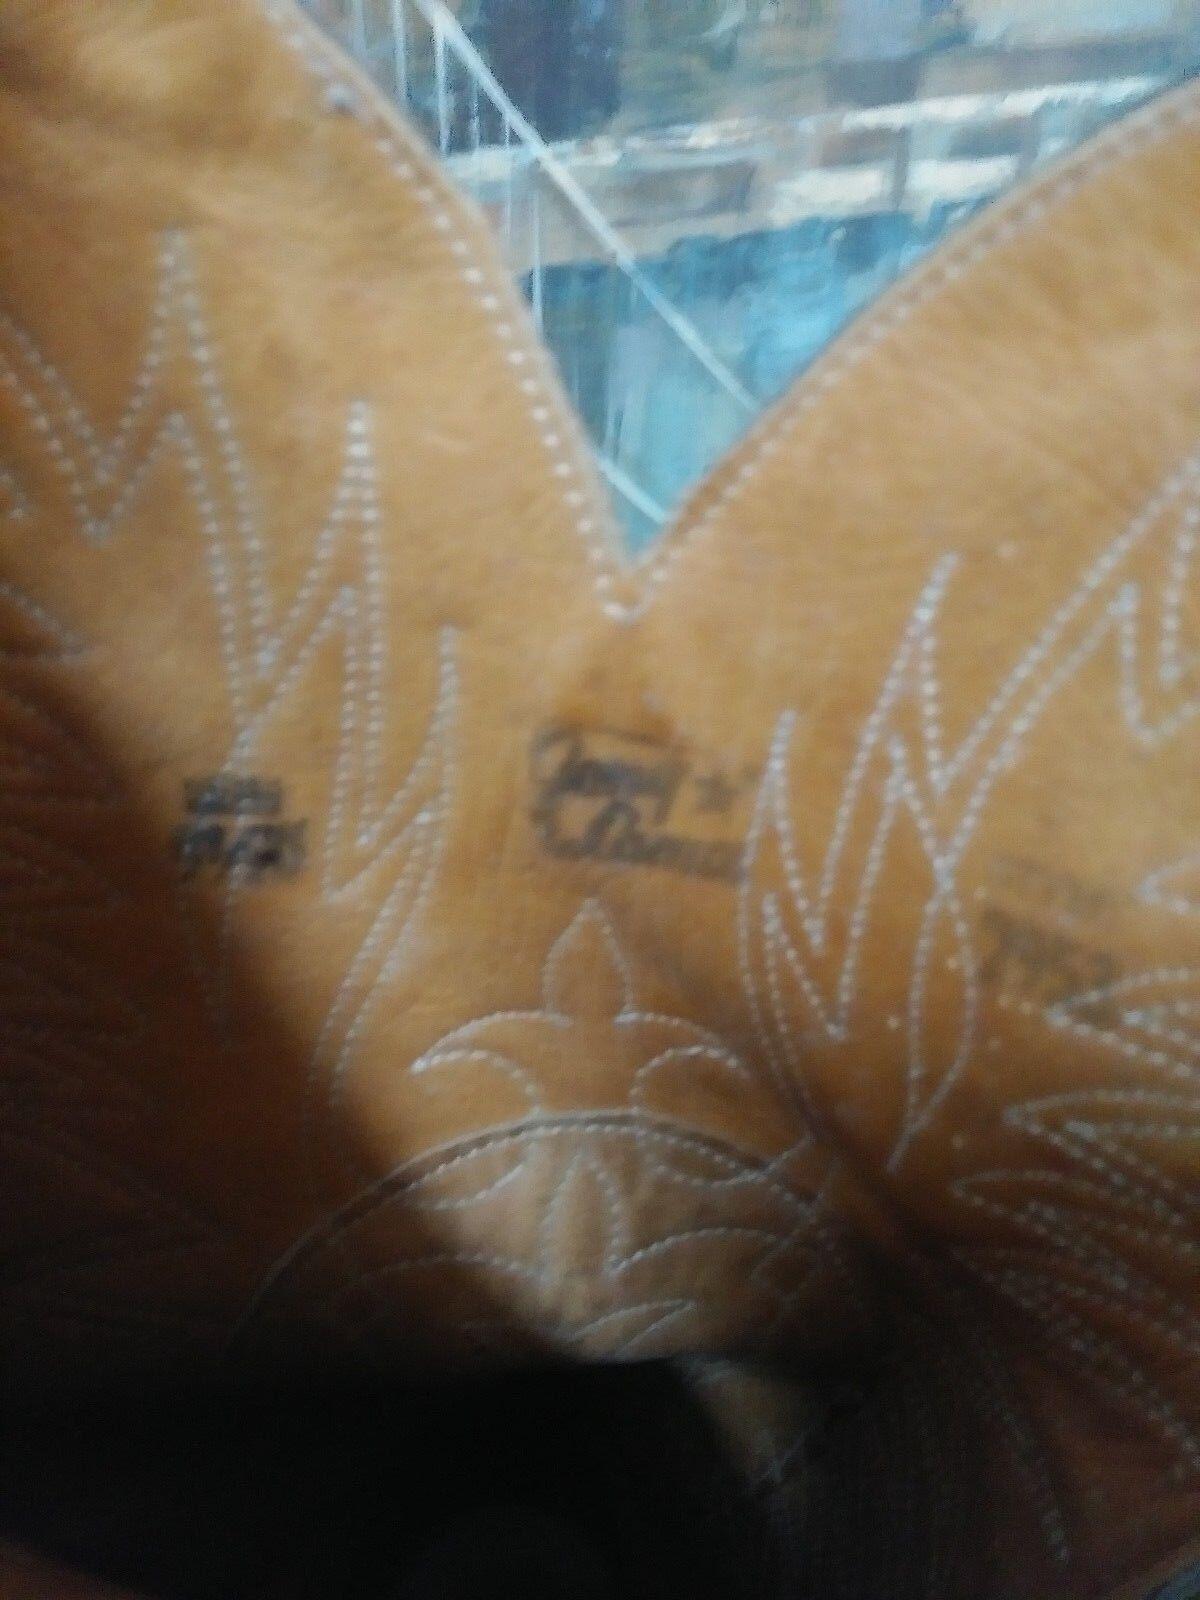 MEN'S TONY LAMA BOOTS VAQUERO BULLHIDE GRAY LEATHER BOOTS LAMA SIZE 9.5D 2953 64f934